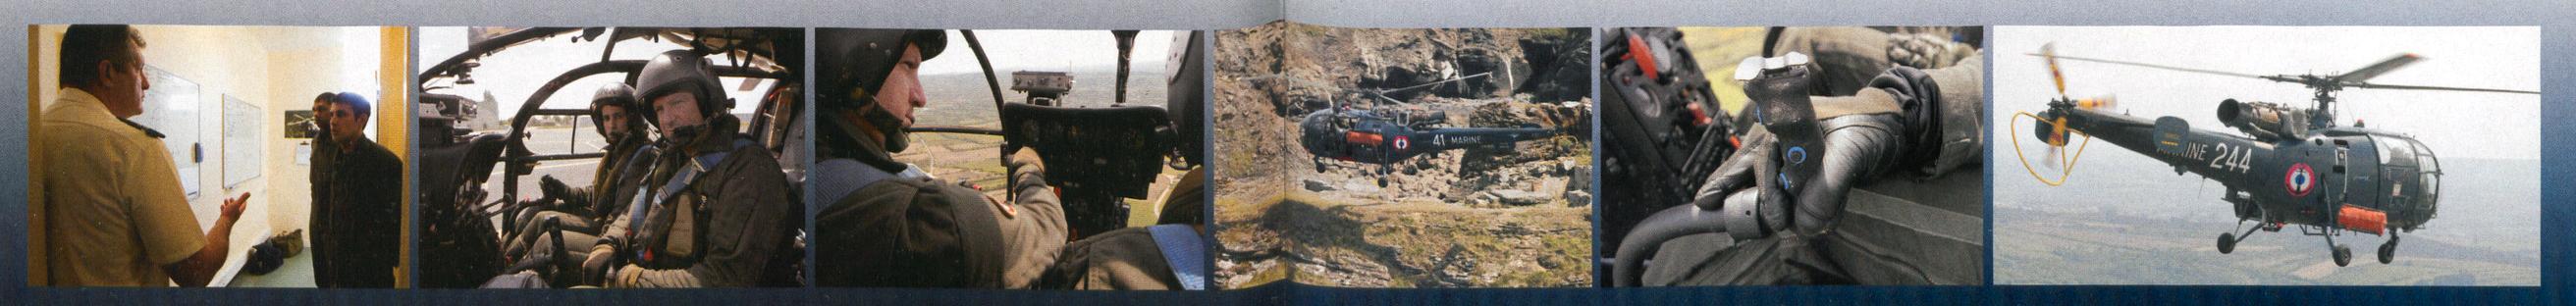 Le Groupement des Flotilles de l'Aéronautique Navale Marocaine - 11F et 21F - Page 7 50971204822_2df6a51a53_o_d